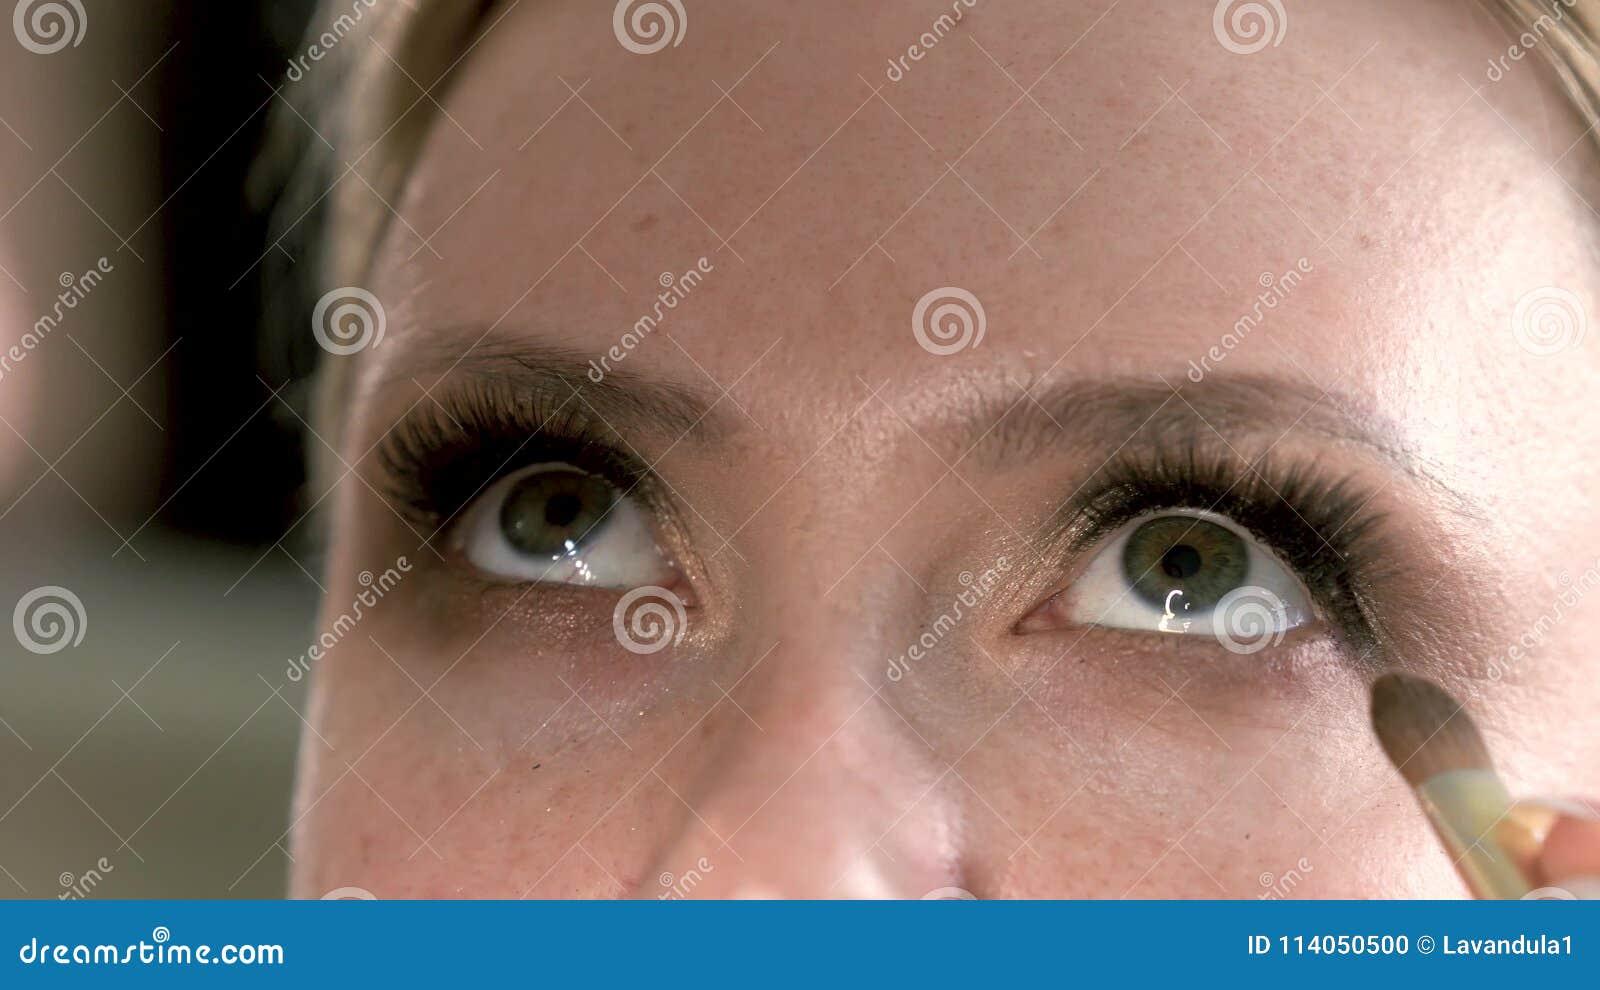 Extreme Close Up View Of Under Eye Smokey Eyes Makeup Grey Eyes